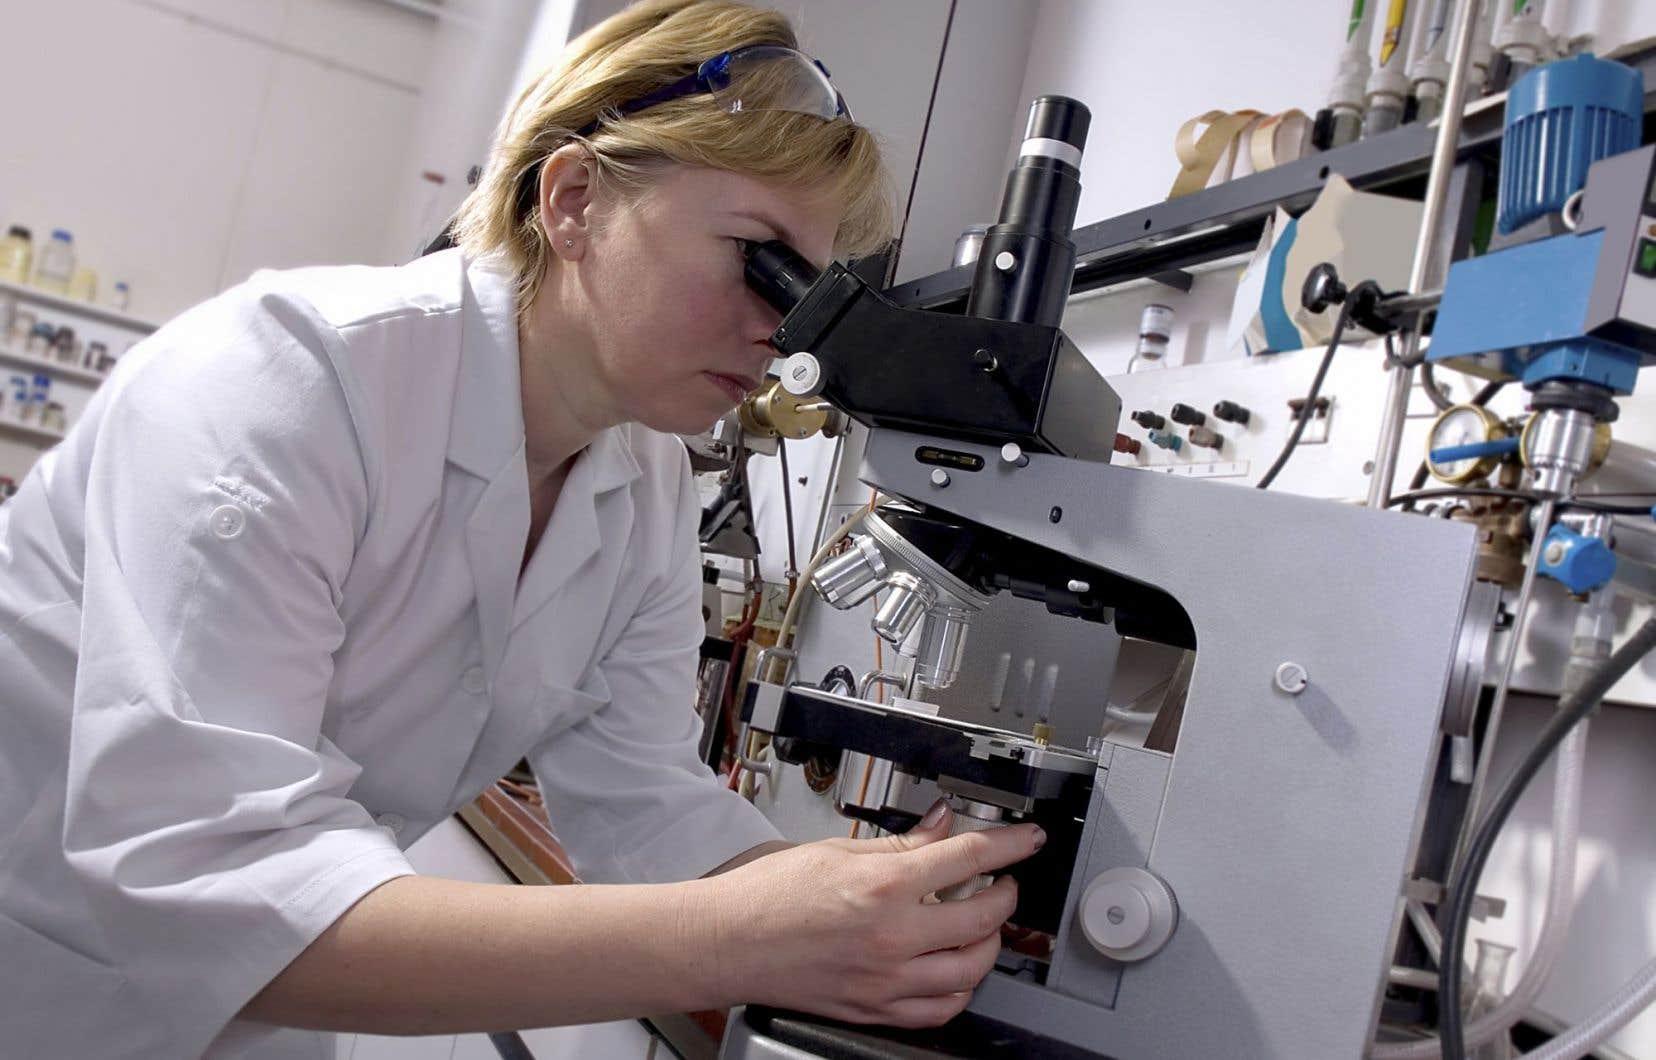 Selon le scientifique en chef du Québec, Rémi Quirion, il faut «trouver de nouvelles façons de soutenir la relève» et ainsi «encourager plus de jeunes à embrasser la carrière de chercheur».